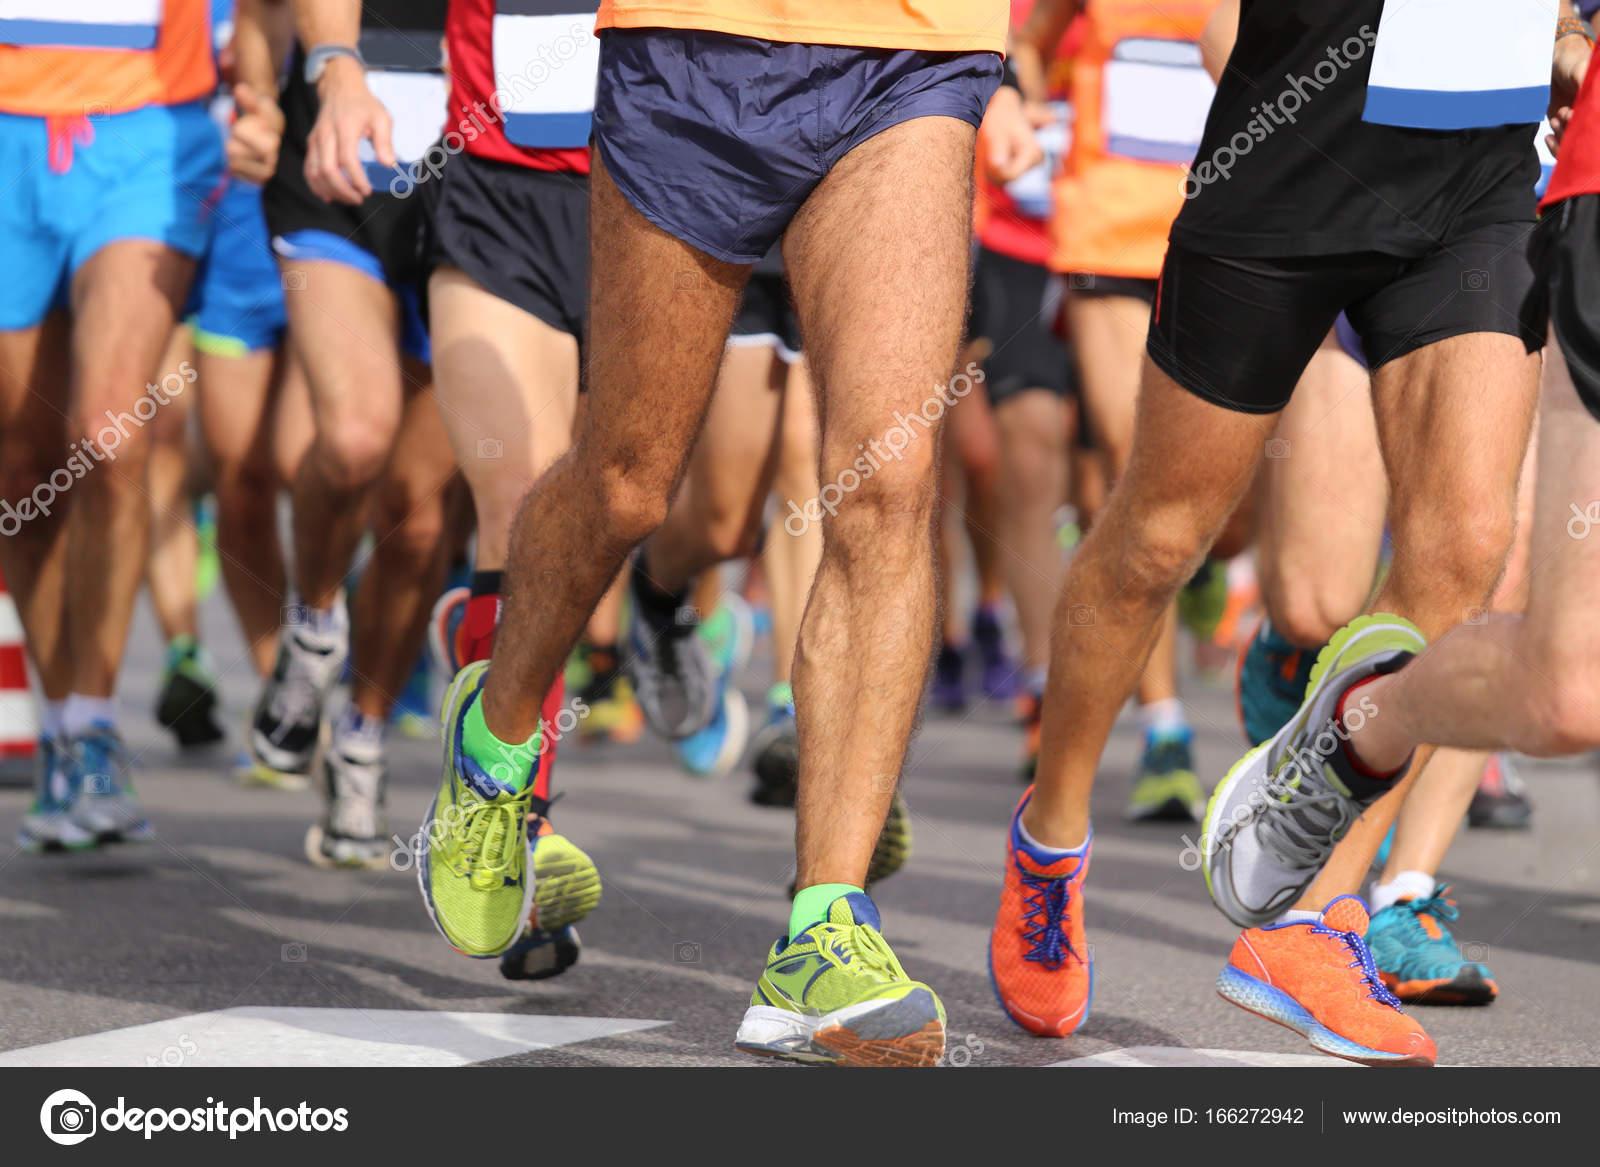 1e26cf60 Бегунов с спортивная одежда и обувь для бега во время марафона– Стоковое  изображение